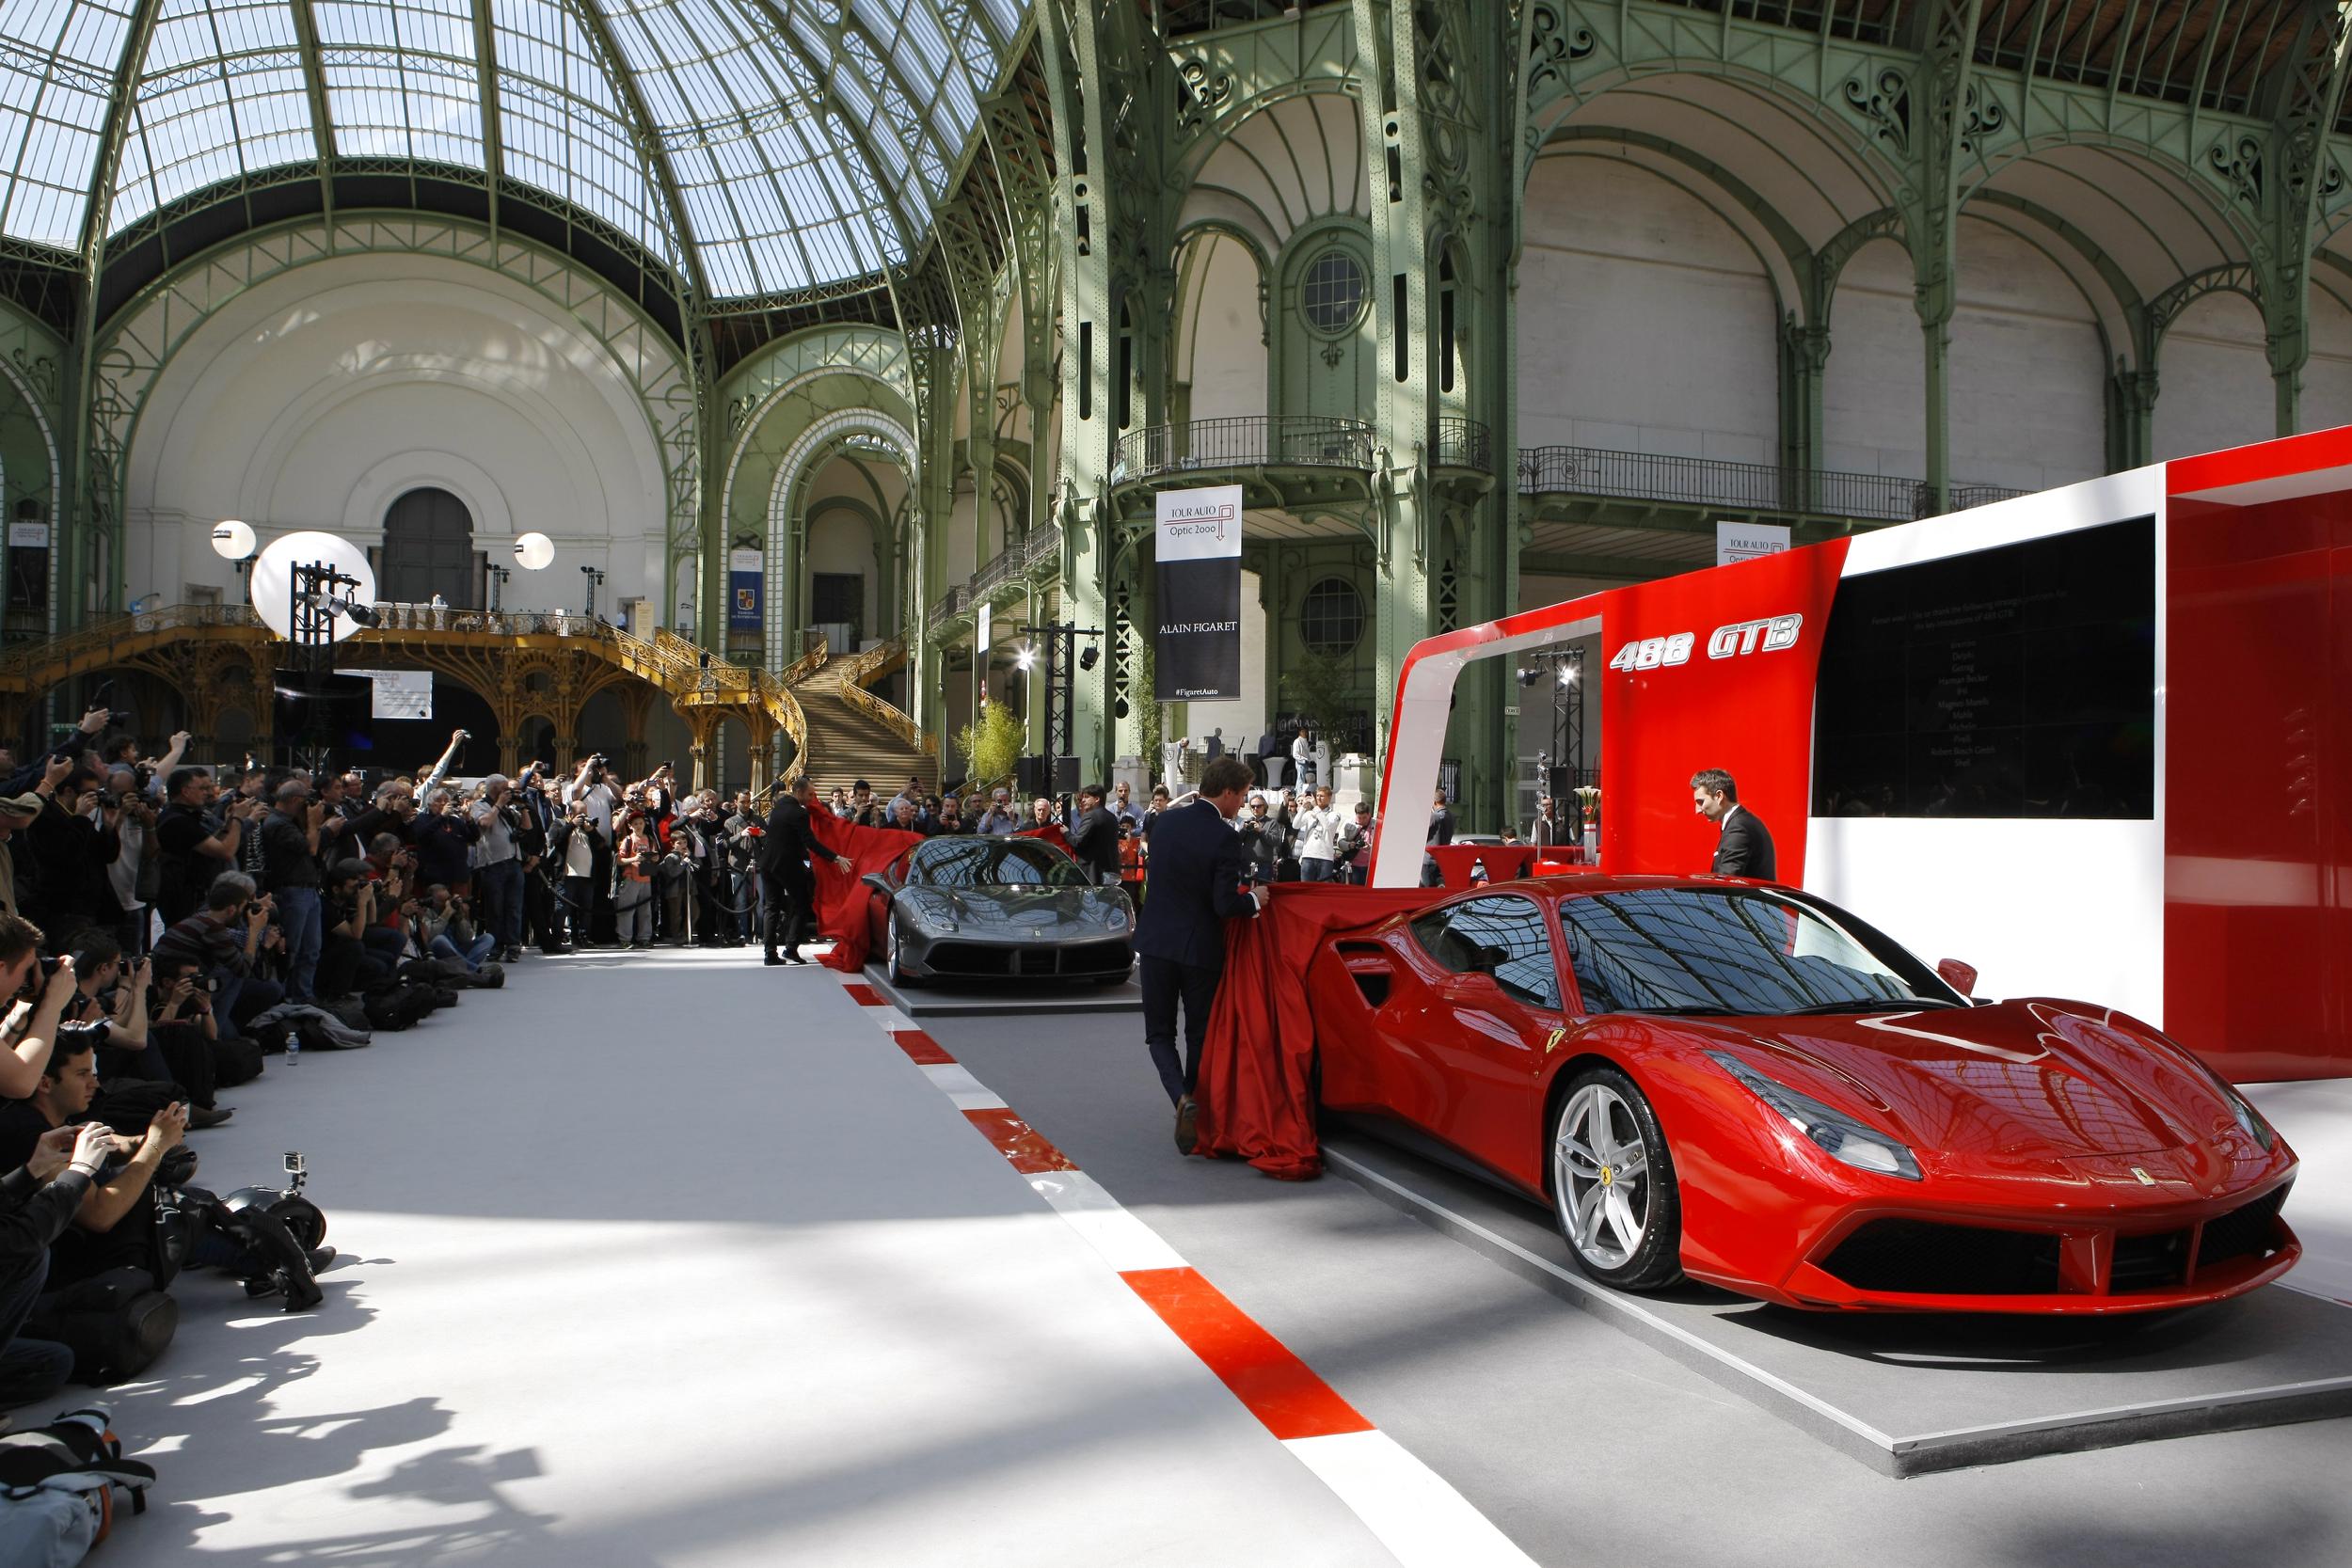 Ferrari 488 GTB star al Grand Palais